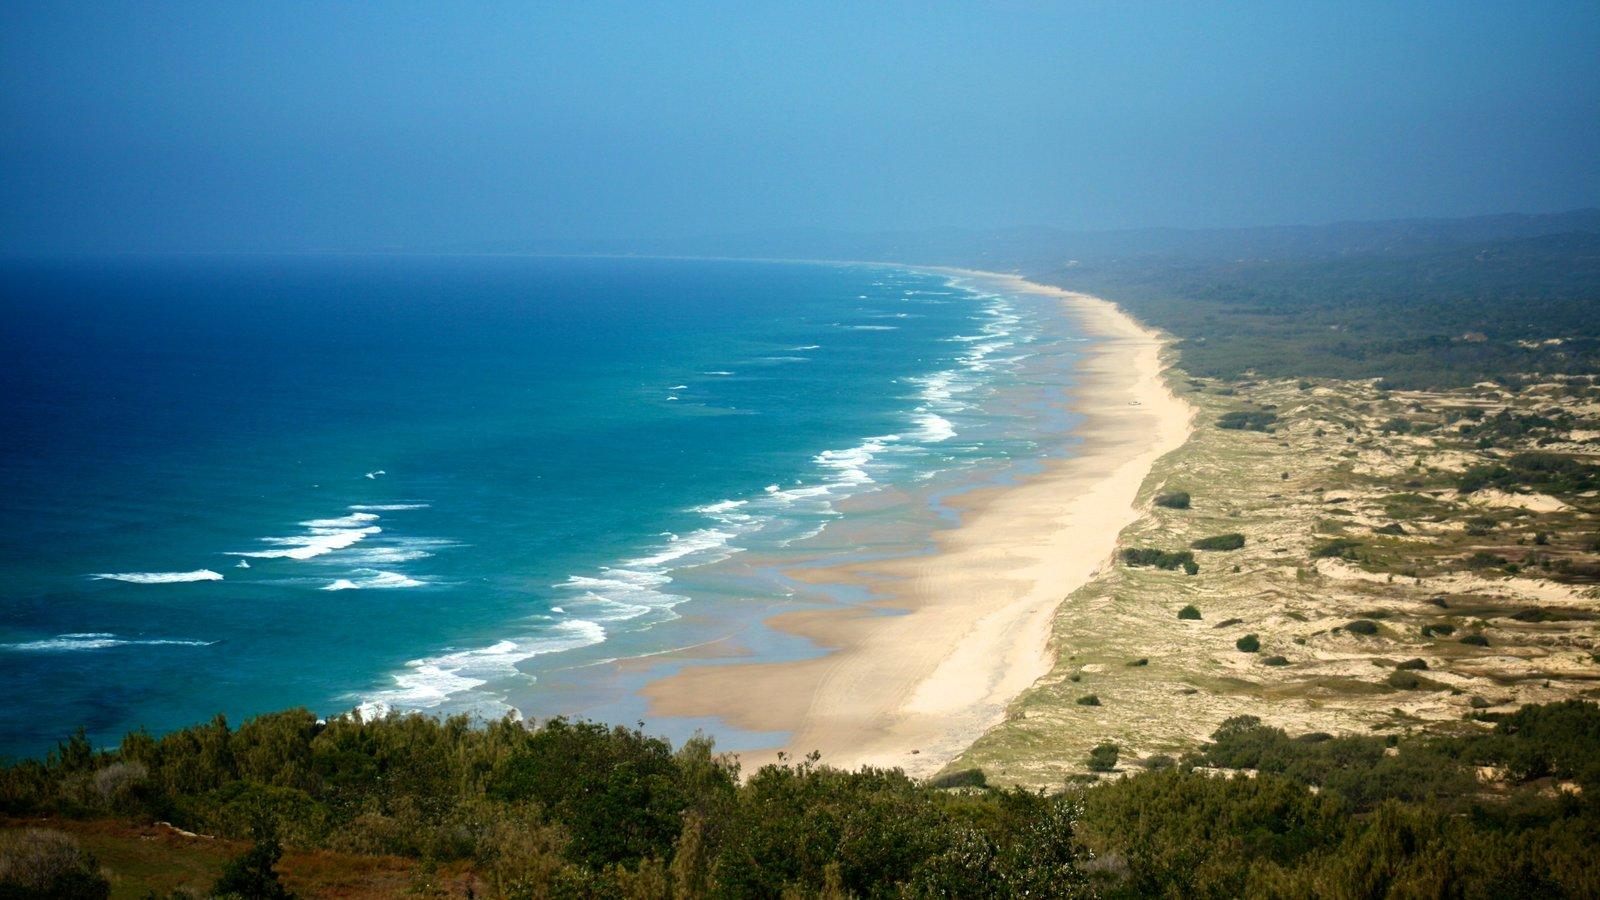 Parque nacional de Isla Moreton ofreciendo una playa de arena y vistas de paisajes